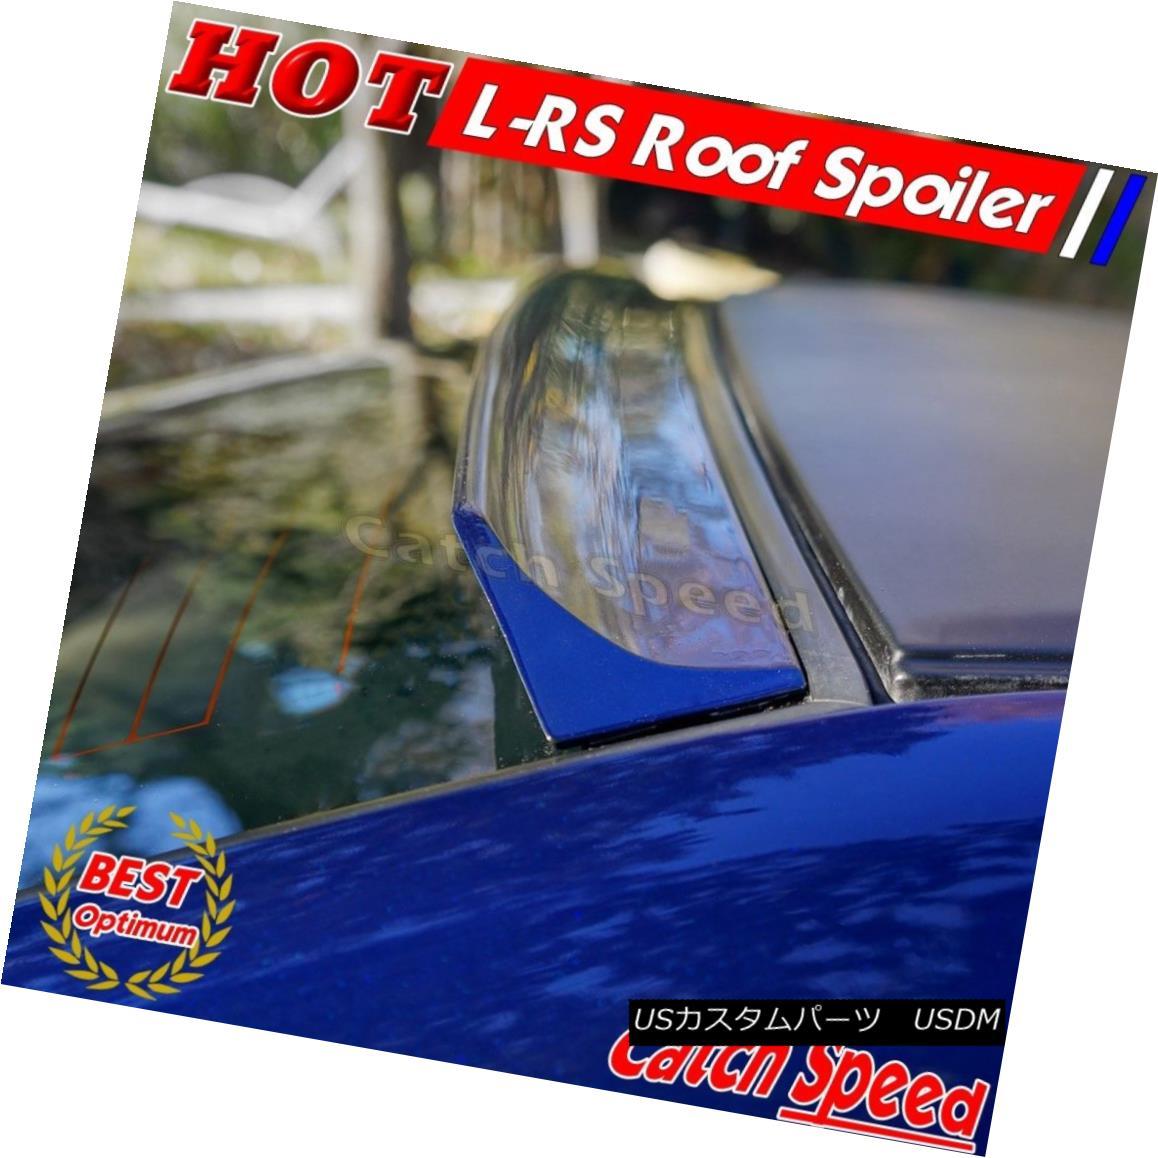 エアロパーツ Painted LRS Type Rear Roof Spoiler Wing For NISSAN 370Z Coupe 2008-12 ? 日産370Zクーペ用塗装済みLRSタイプリアルーフスポイラーウイング2008-12?